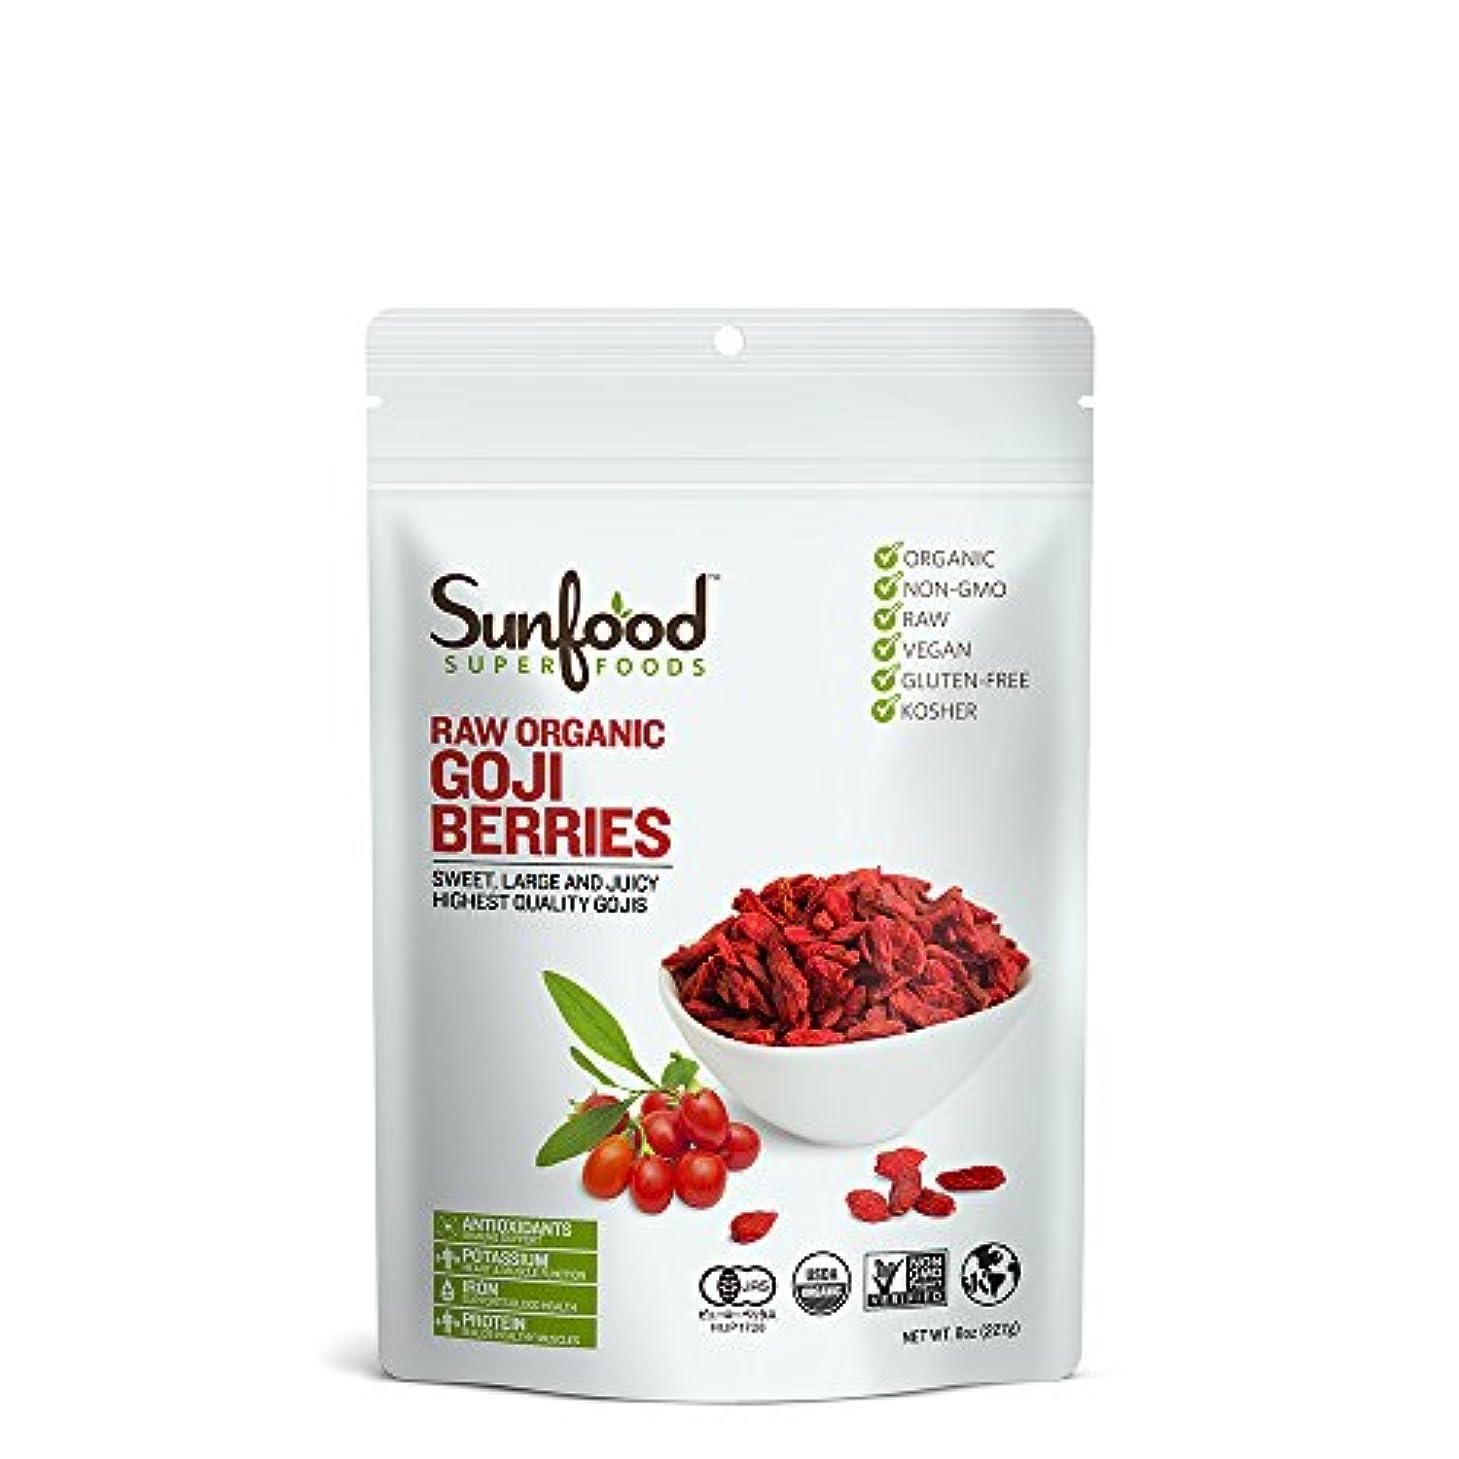 蒸発するマウントバンクエーカーサンフードスーパーフーズ(Sunfood Superfoods) オーガニックゴジベリー 227g 日本正規品 227g